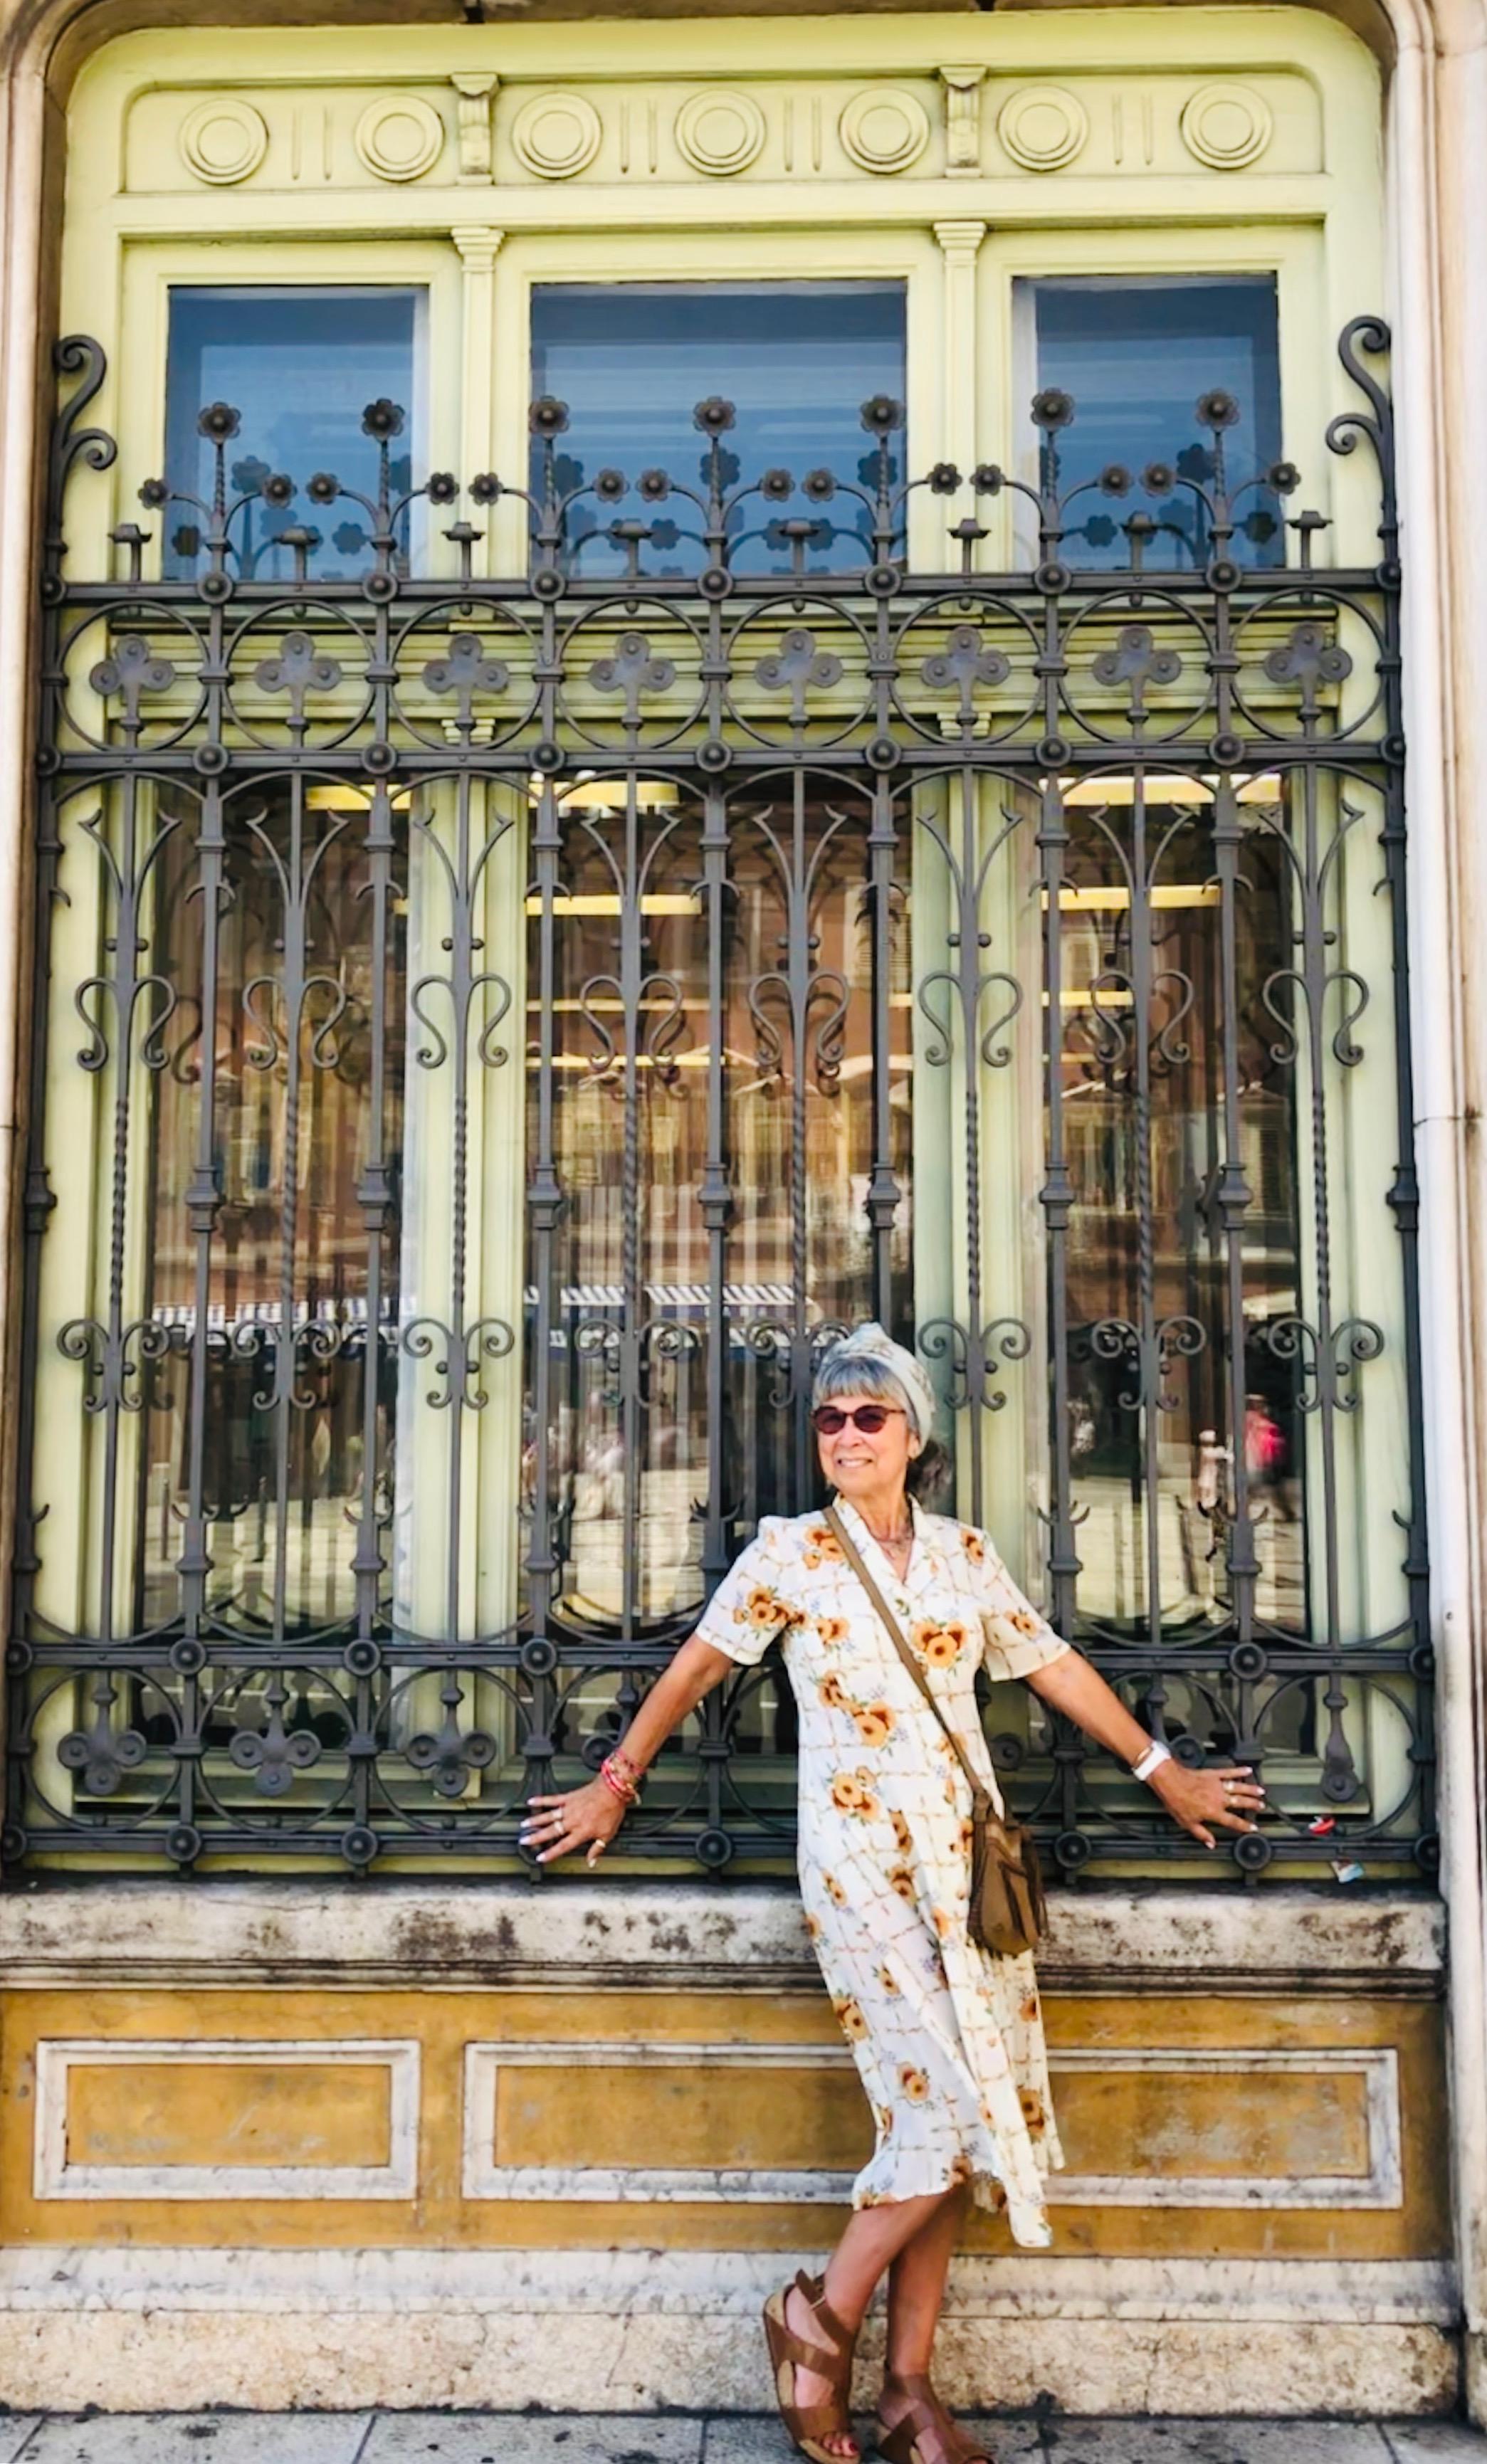 Beautiful doorways in Rijeka.